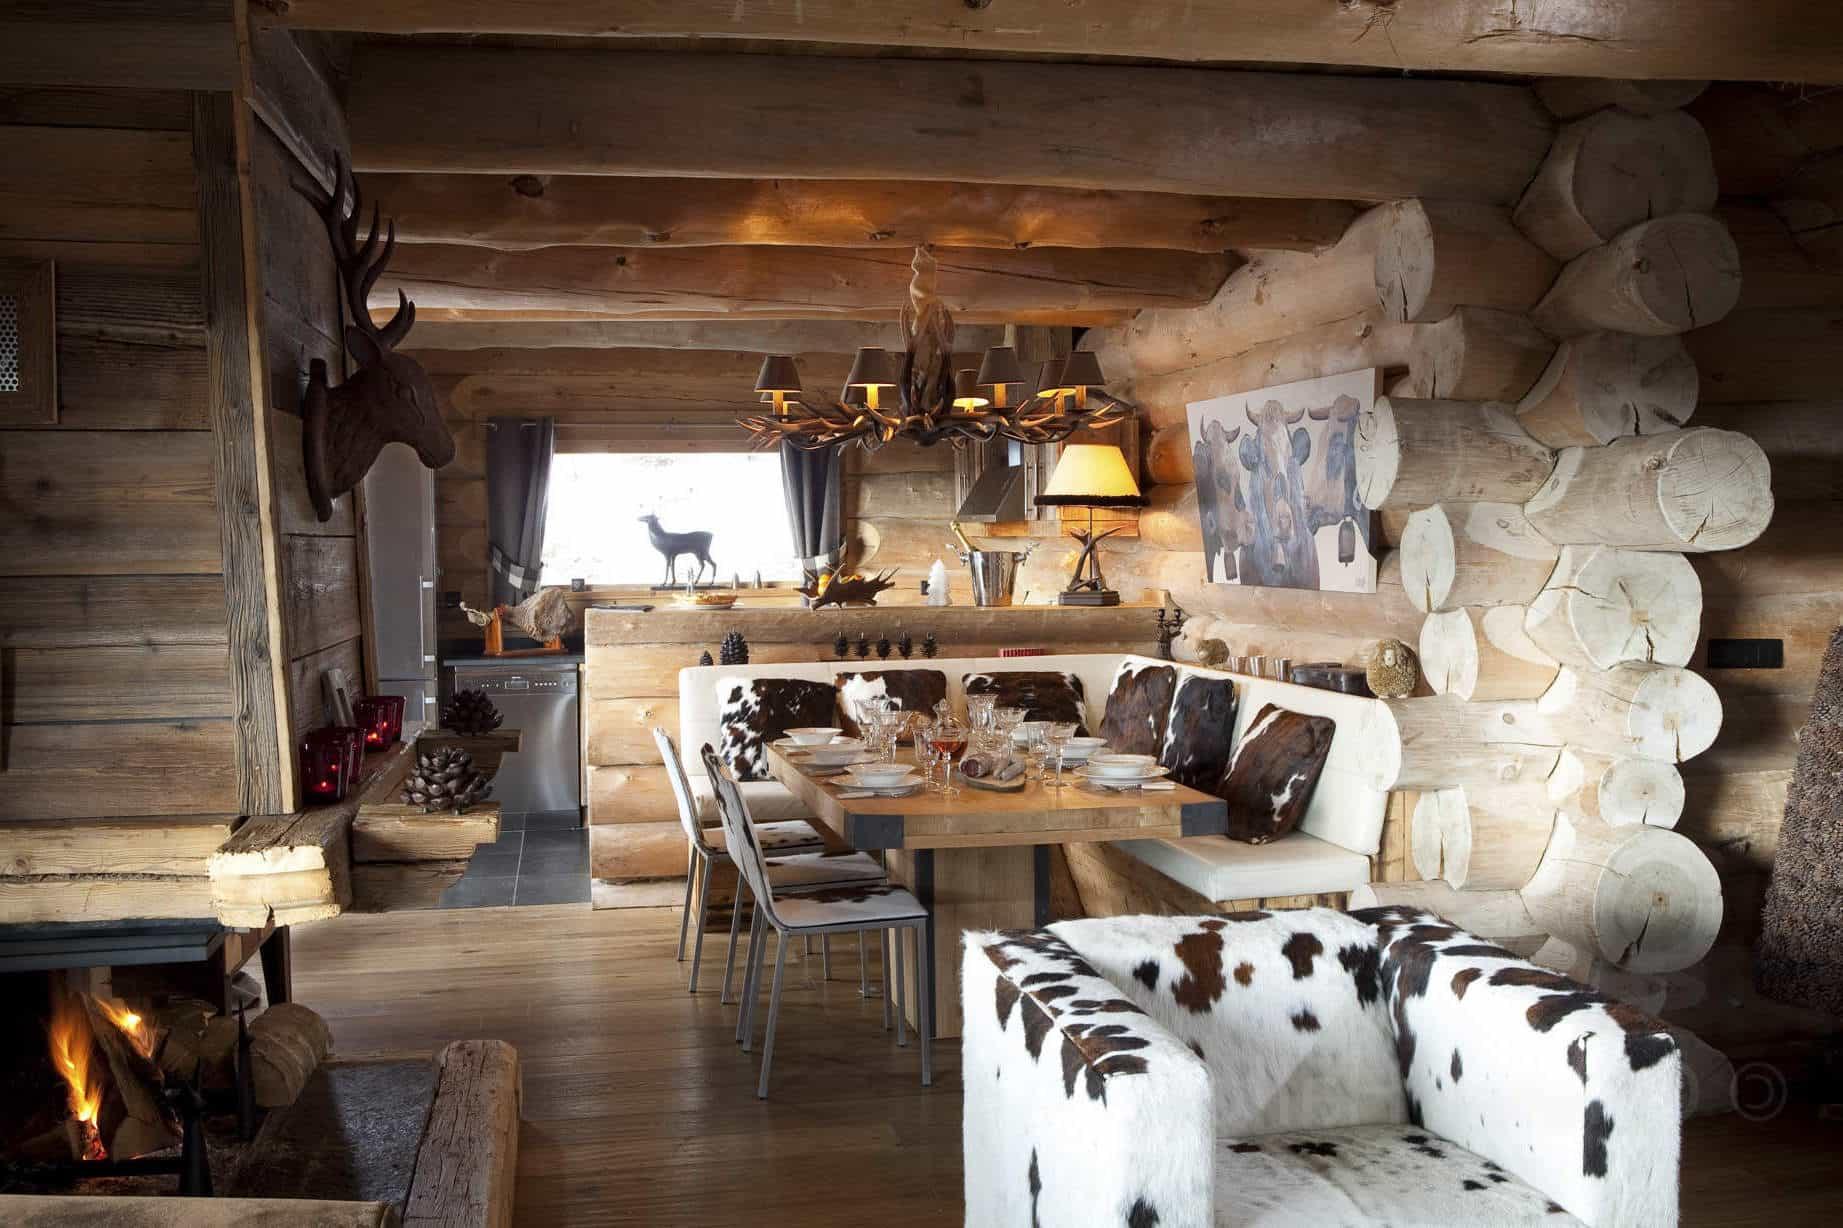 Маленькая и уютная кухня оформлена в традиционном стиле шале, со всеми необходимыми атрибутами